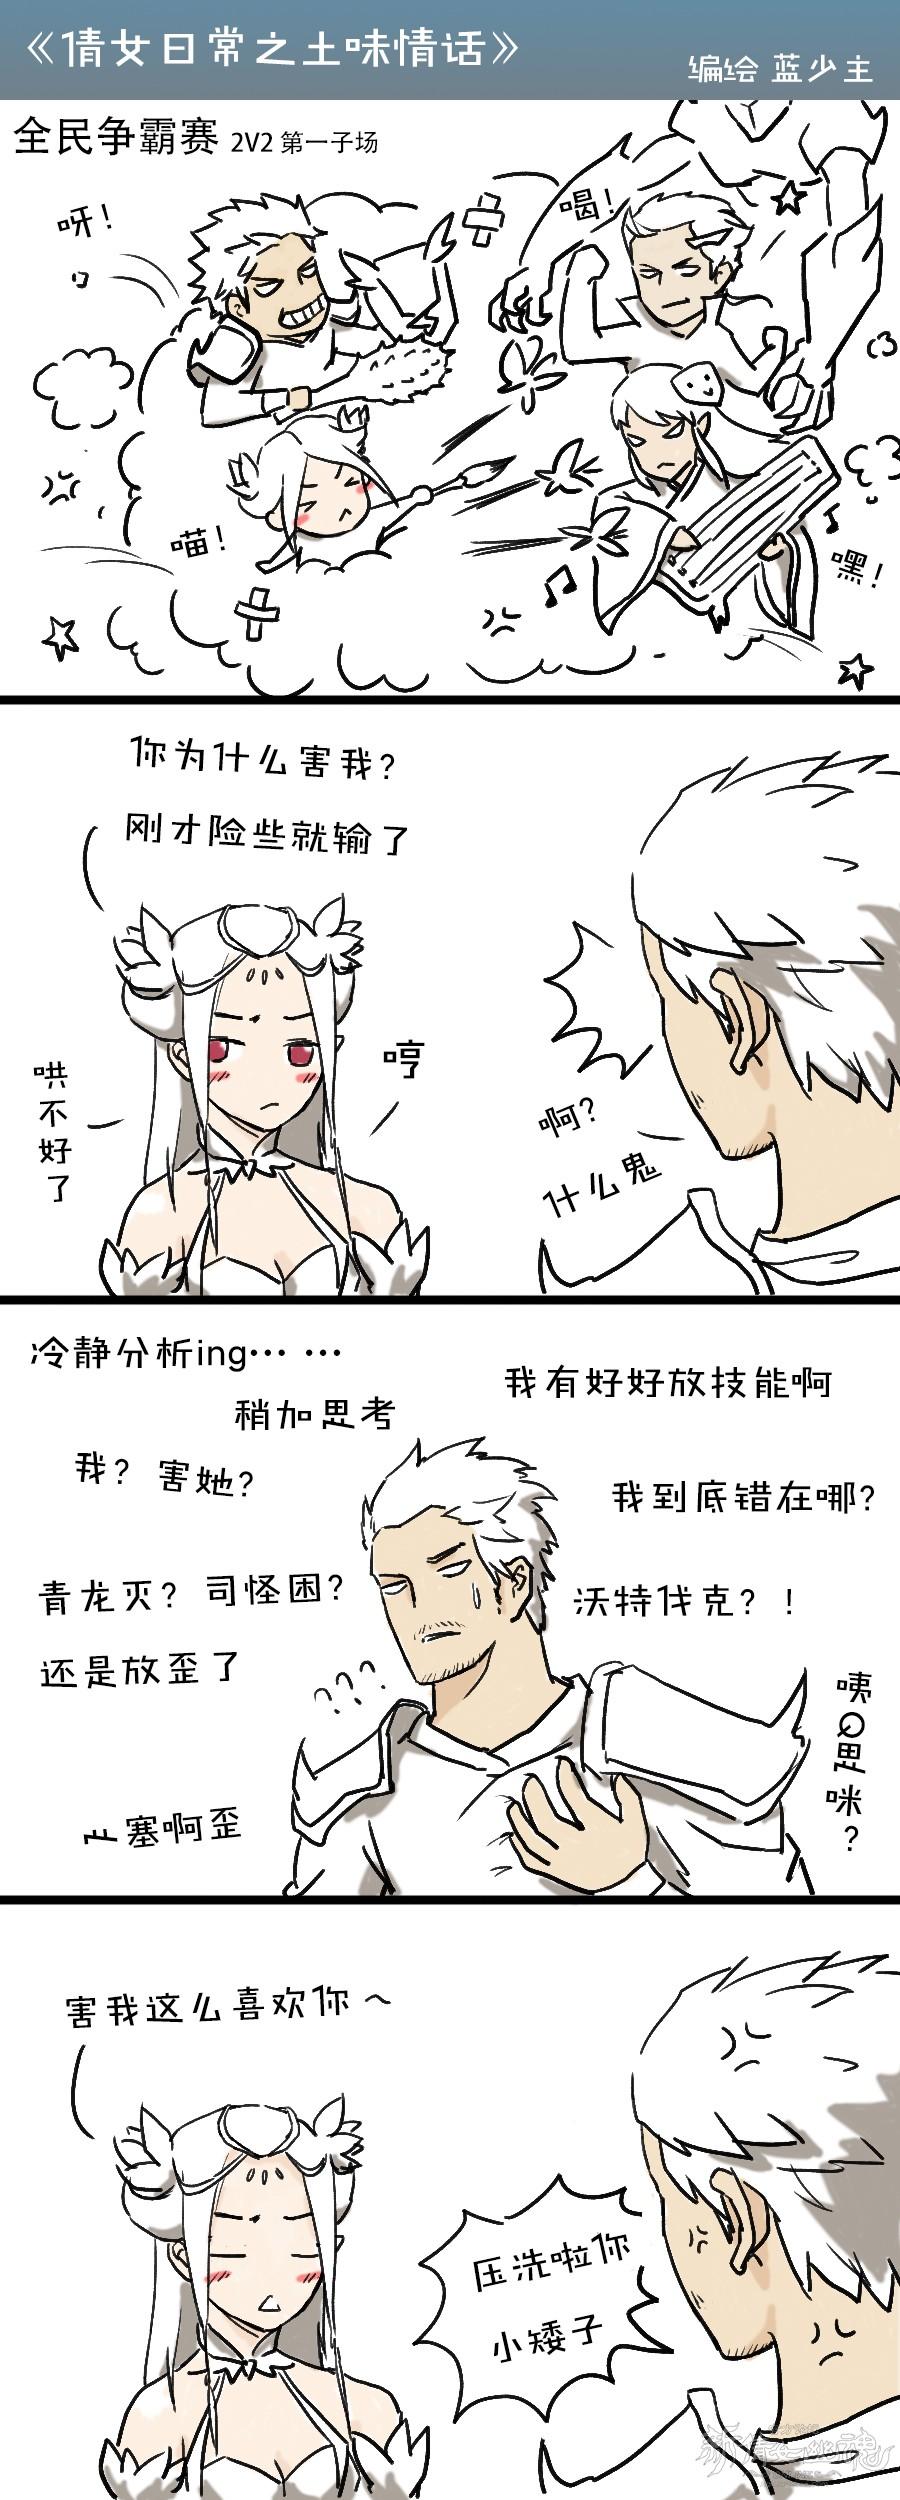 【名人堂】【条漫】《倩女日常之土味情话2》